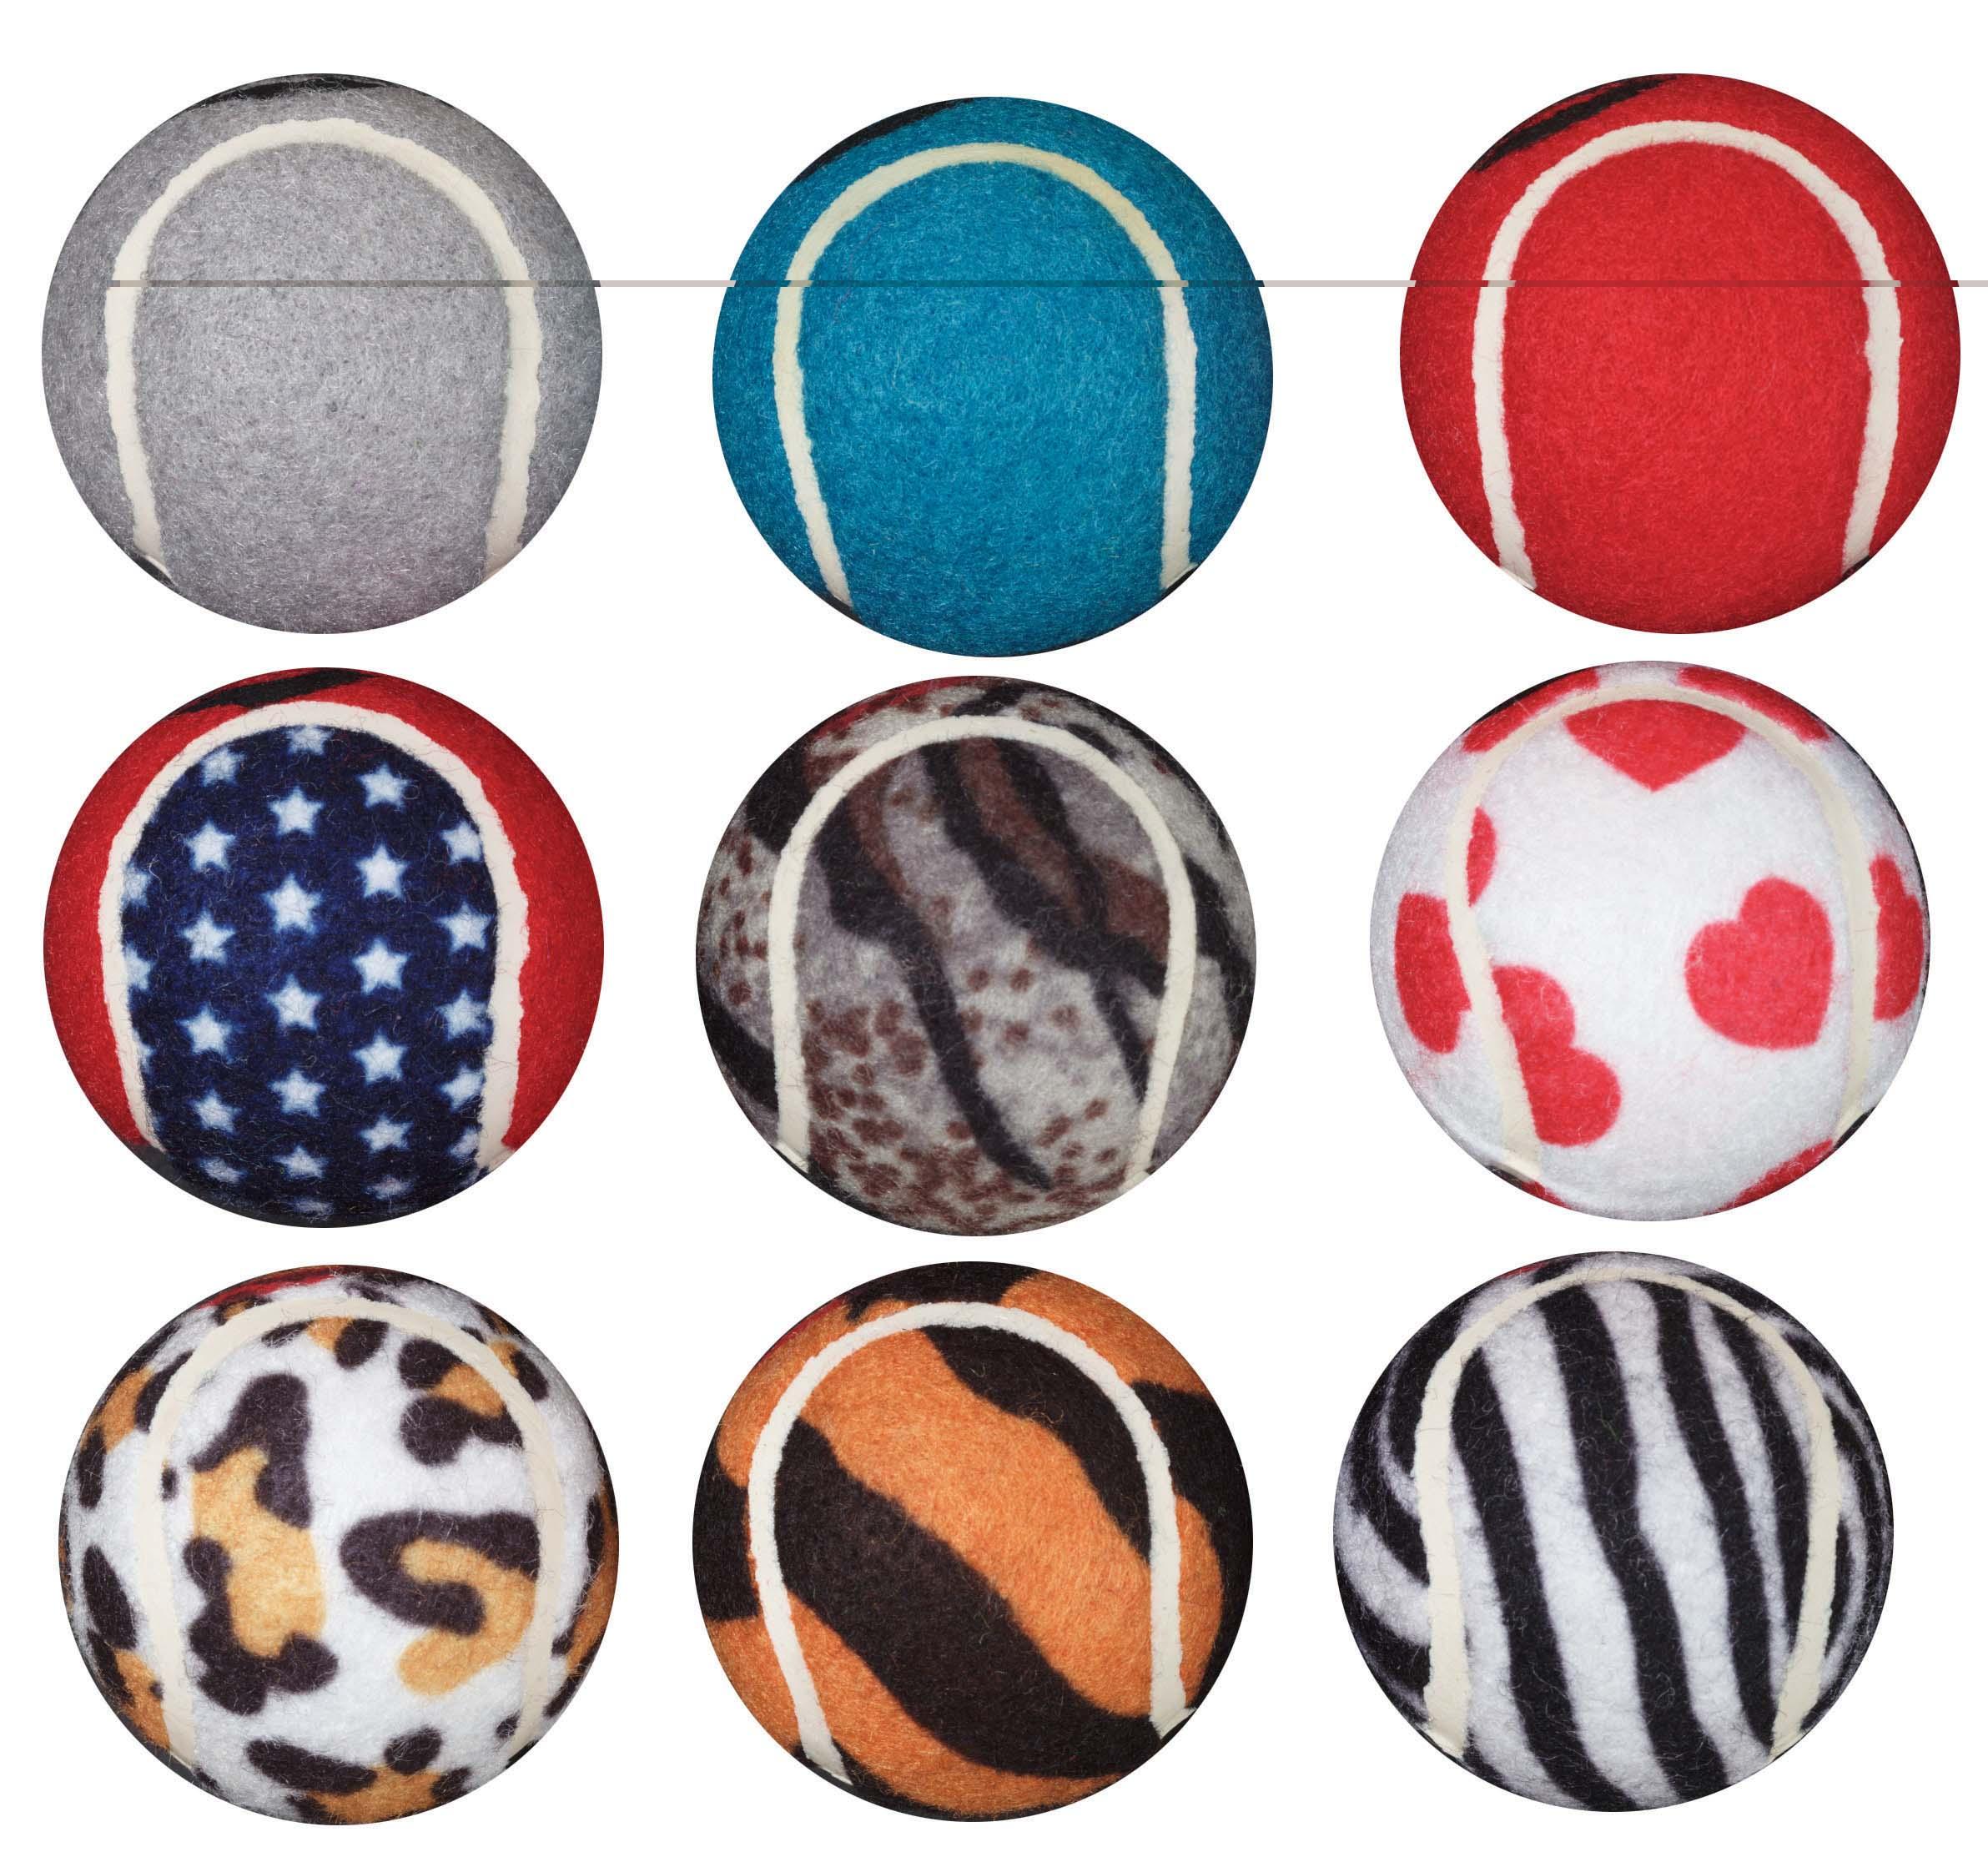 walkerballs-leopard-1-pair-510-1035-9905-lr-3.jpg